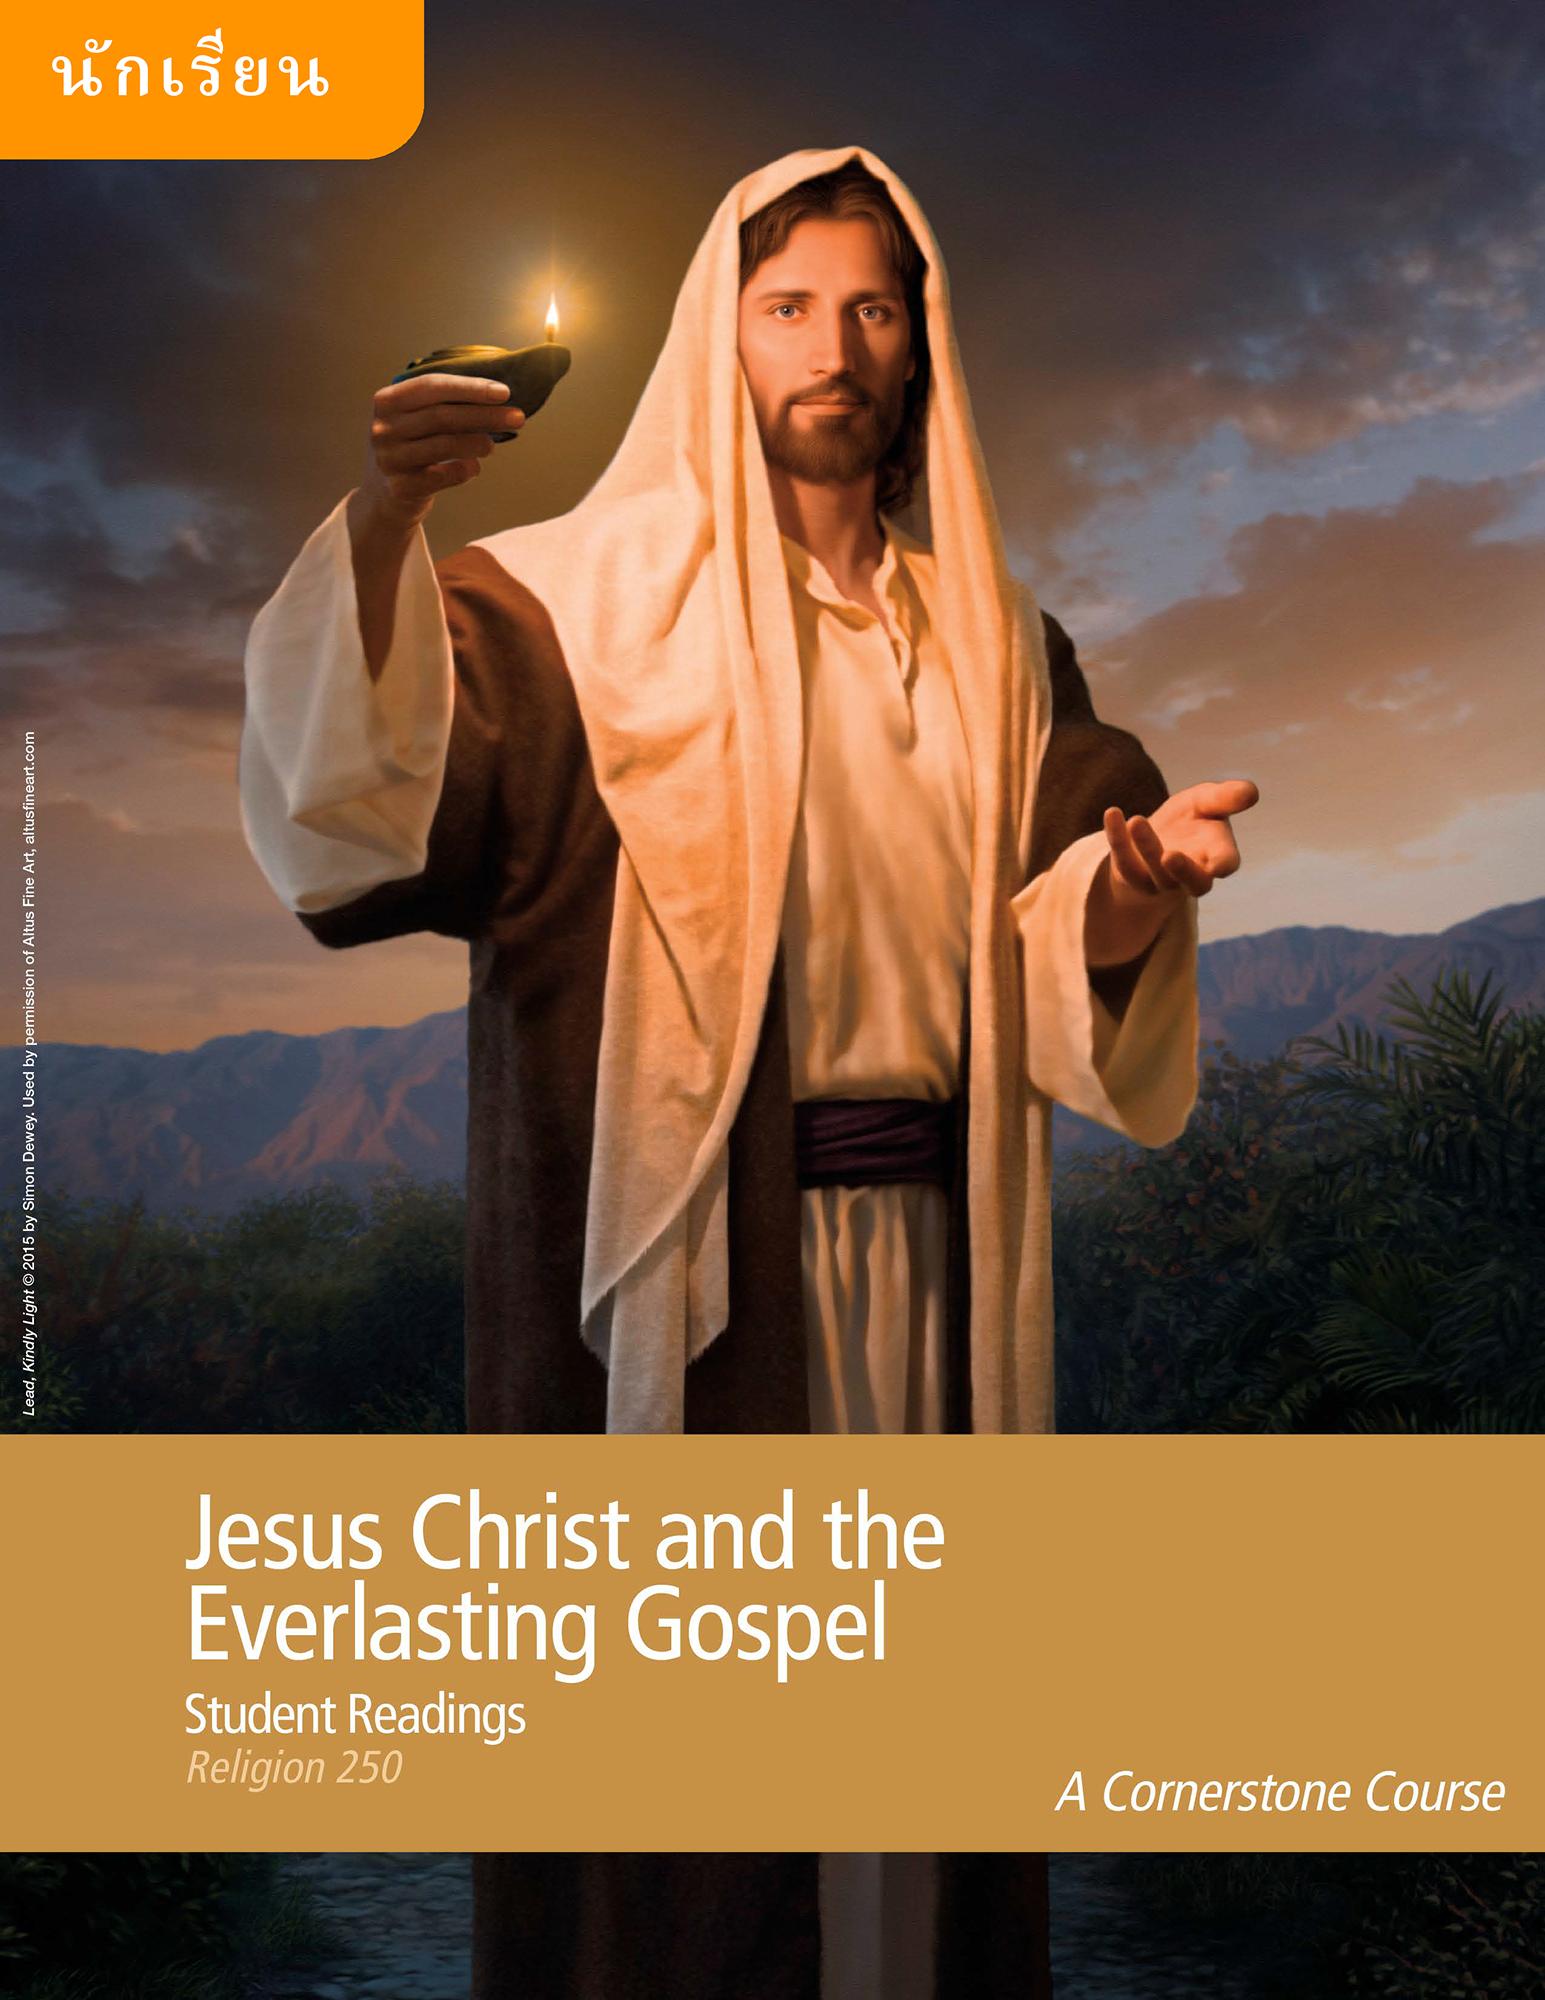 พระเยซูคริสต์และพระกิตติคุณอันเป็นนิจ สิ่งที่นักเรียนควรอ่าน (ศาสนา 250)